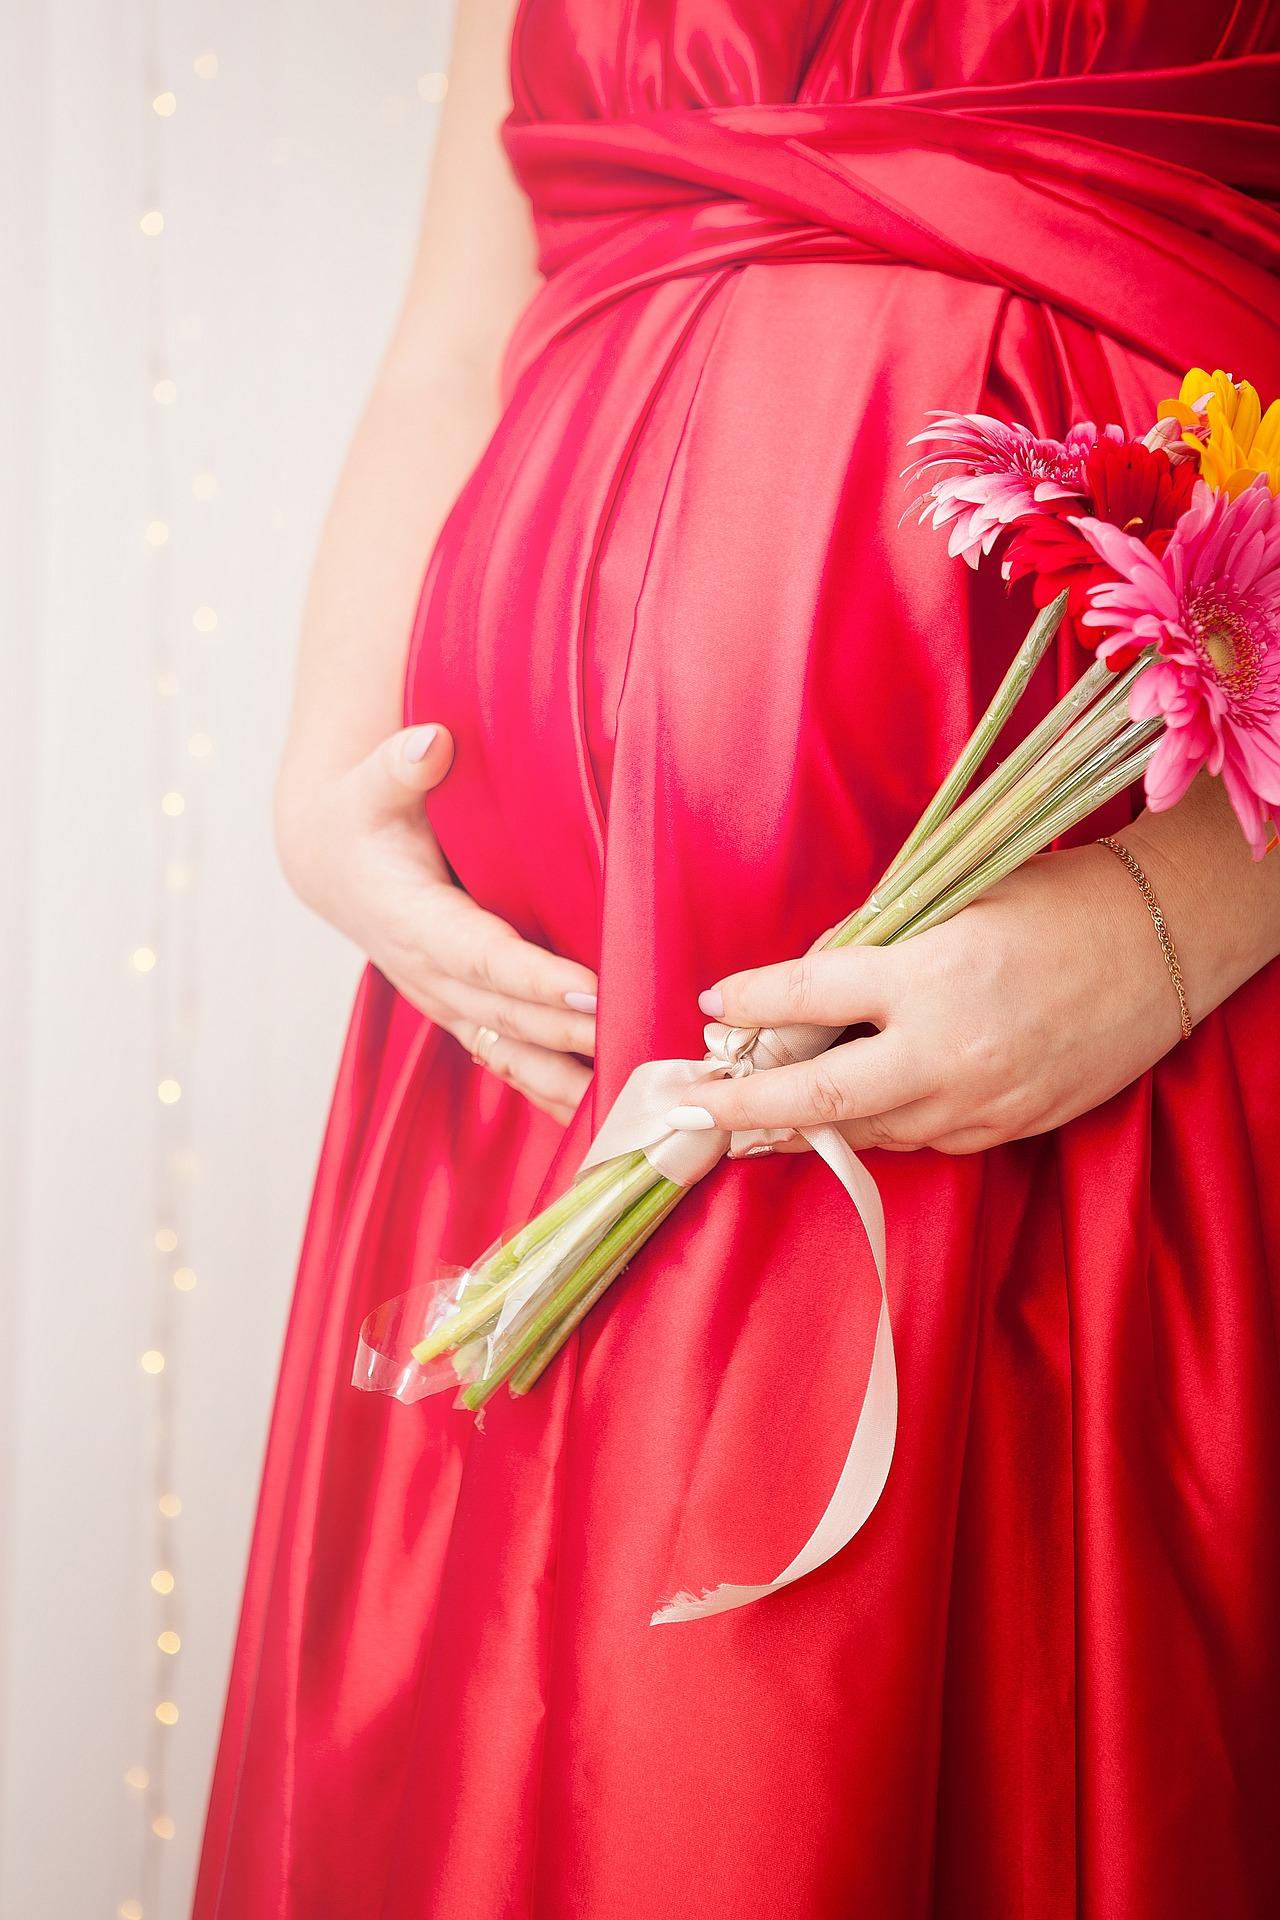 4月ドラマ「デイジー・ラック」主演の佐々木希さん妊娠!体調は大丈夫?